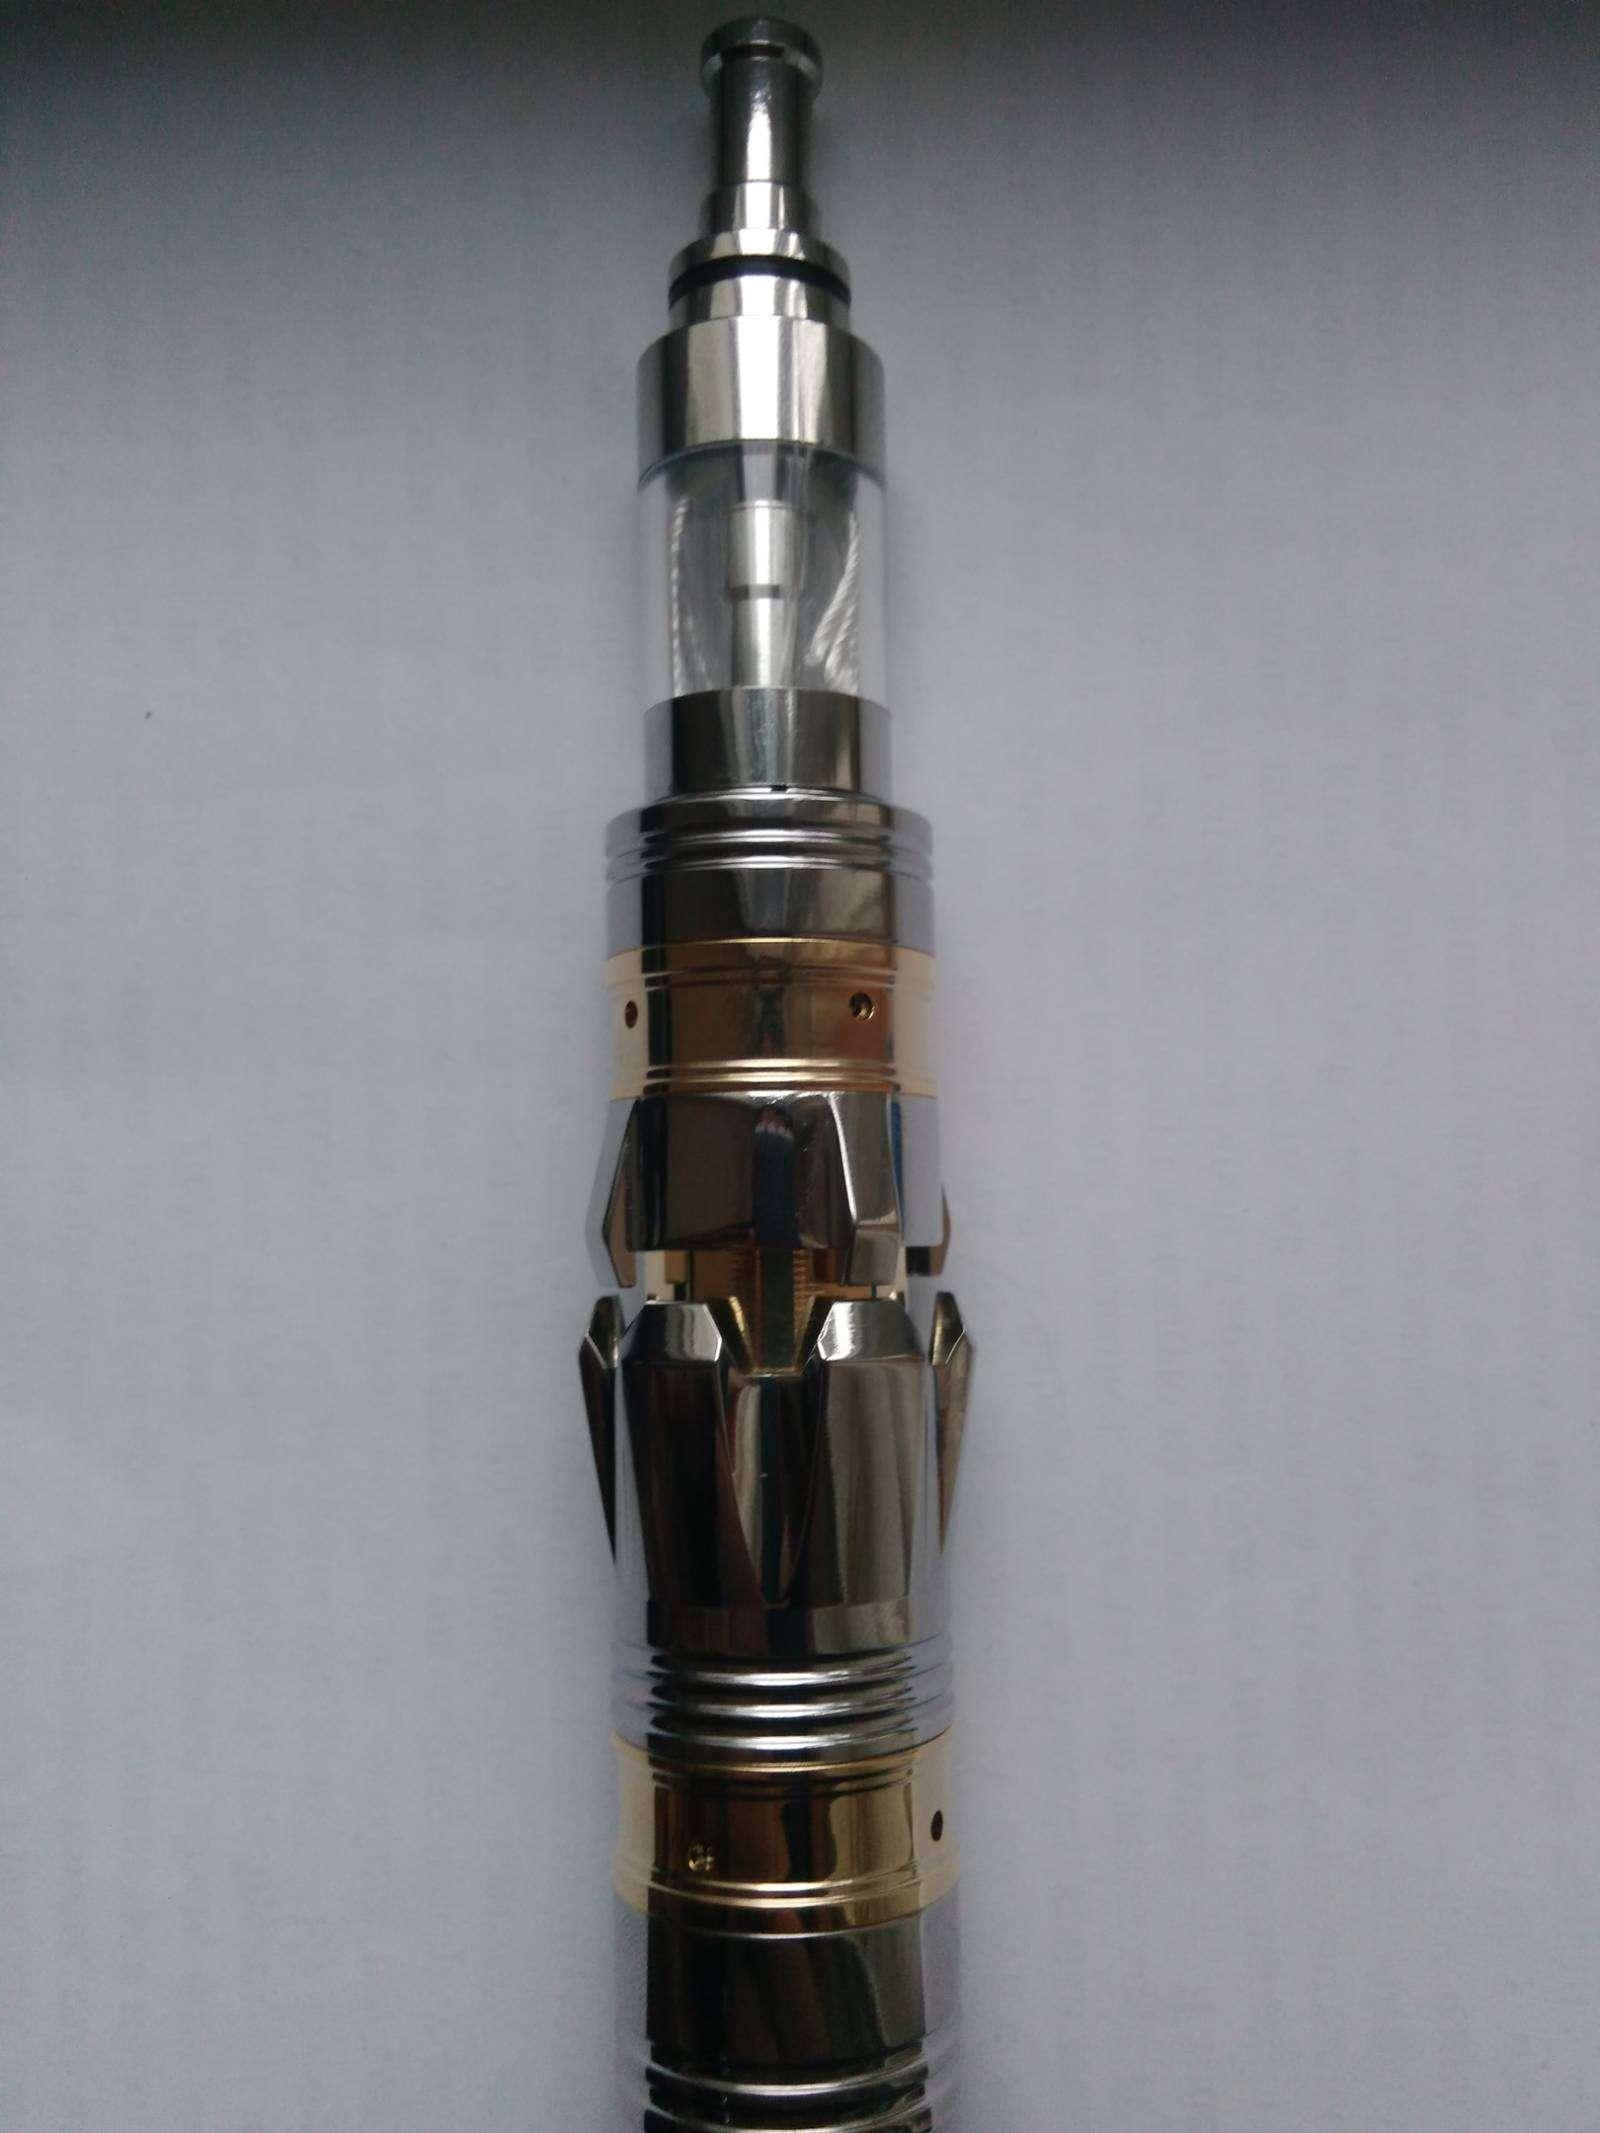 Aliexpress: Антиобзор электронной сигареты 'железного человека'